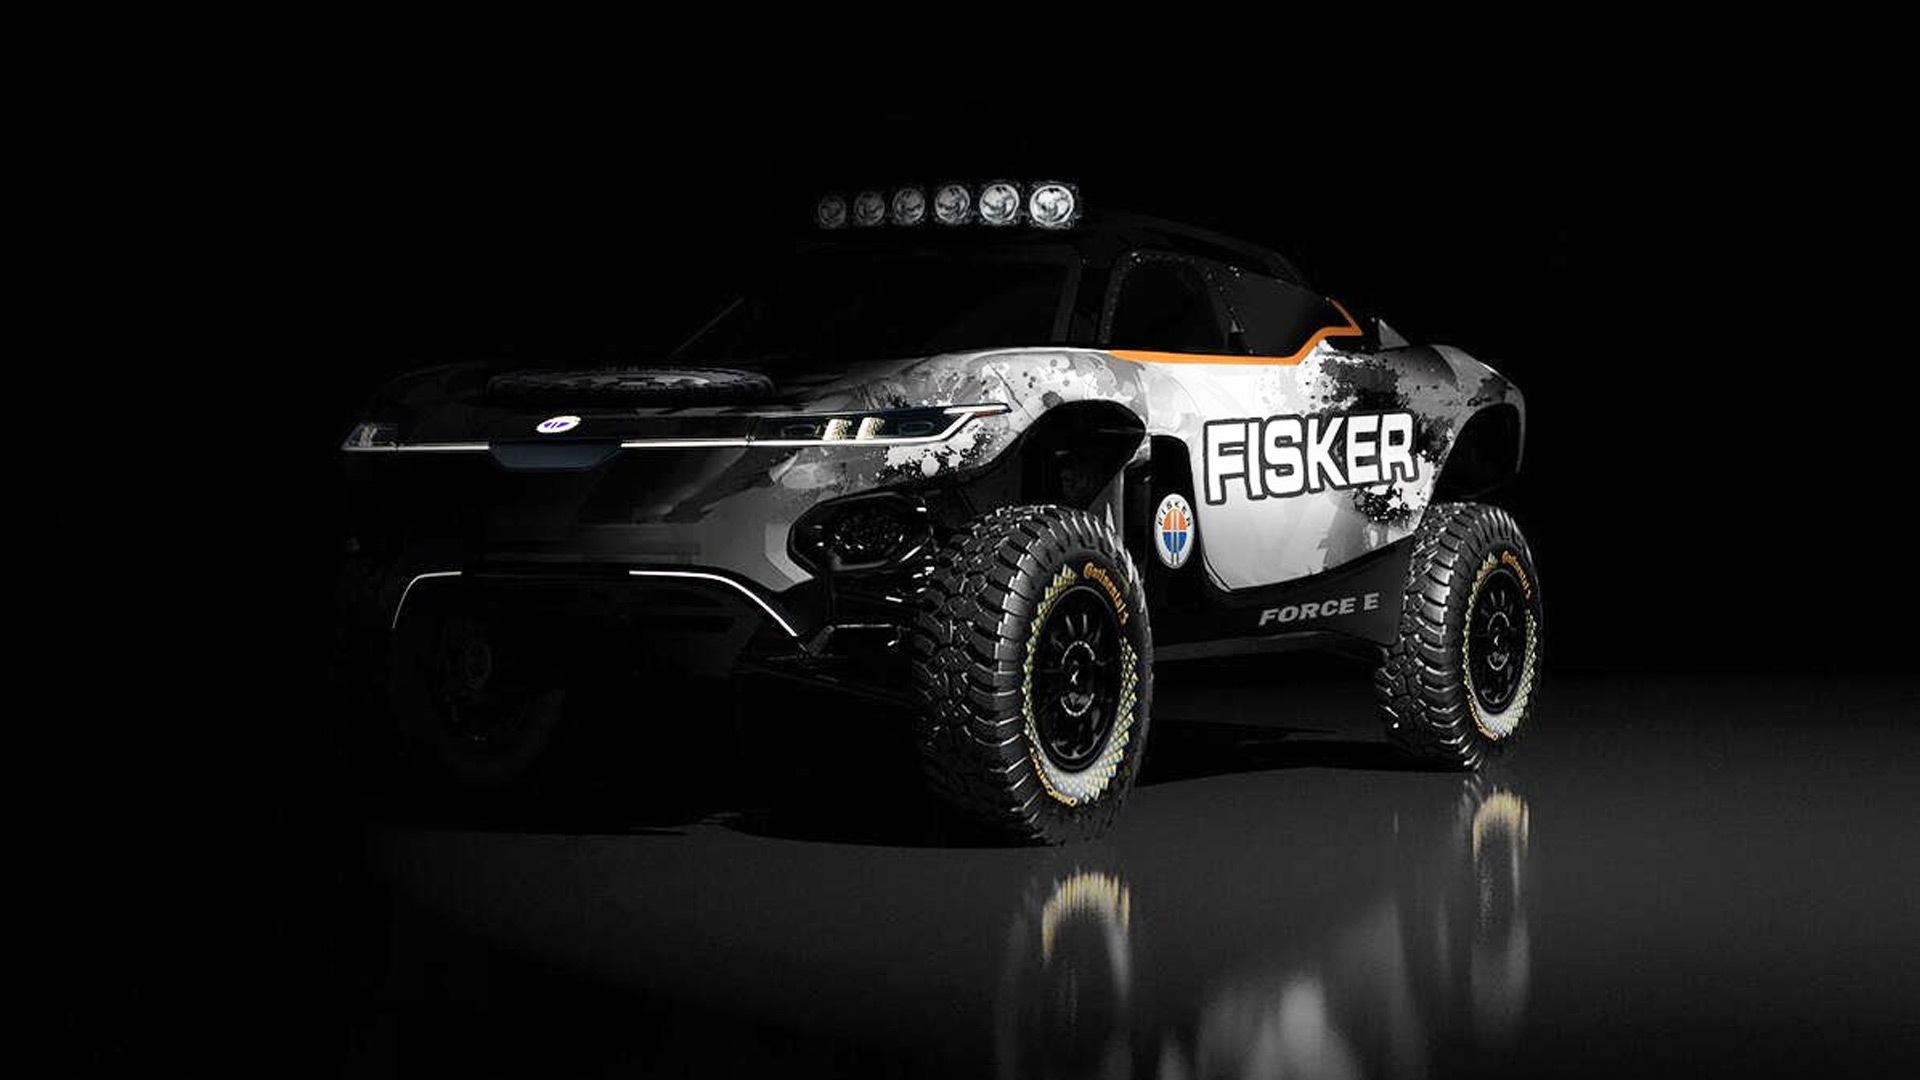 Potential Fisker Ocean Extreme E race car